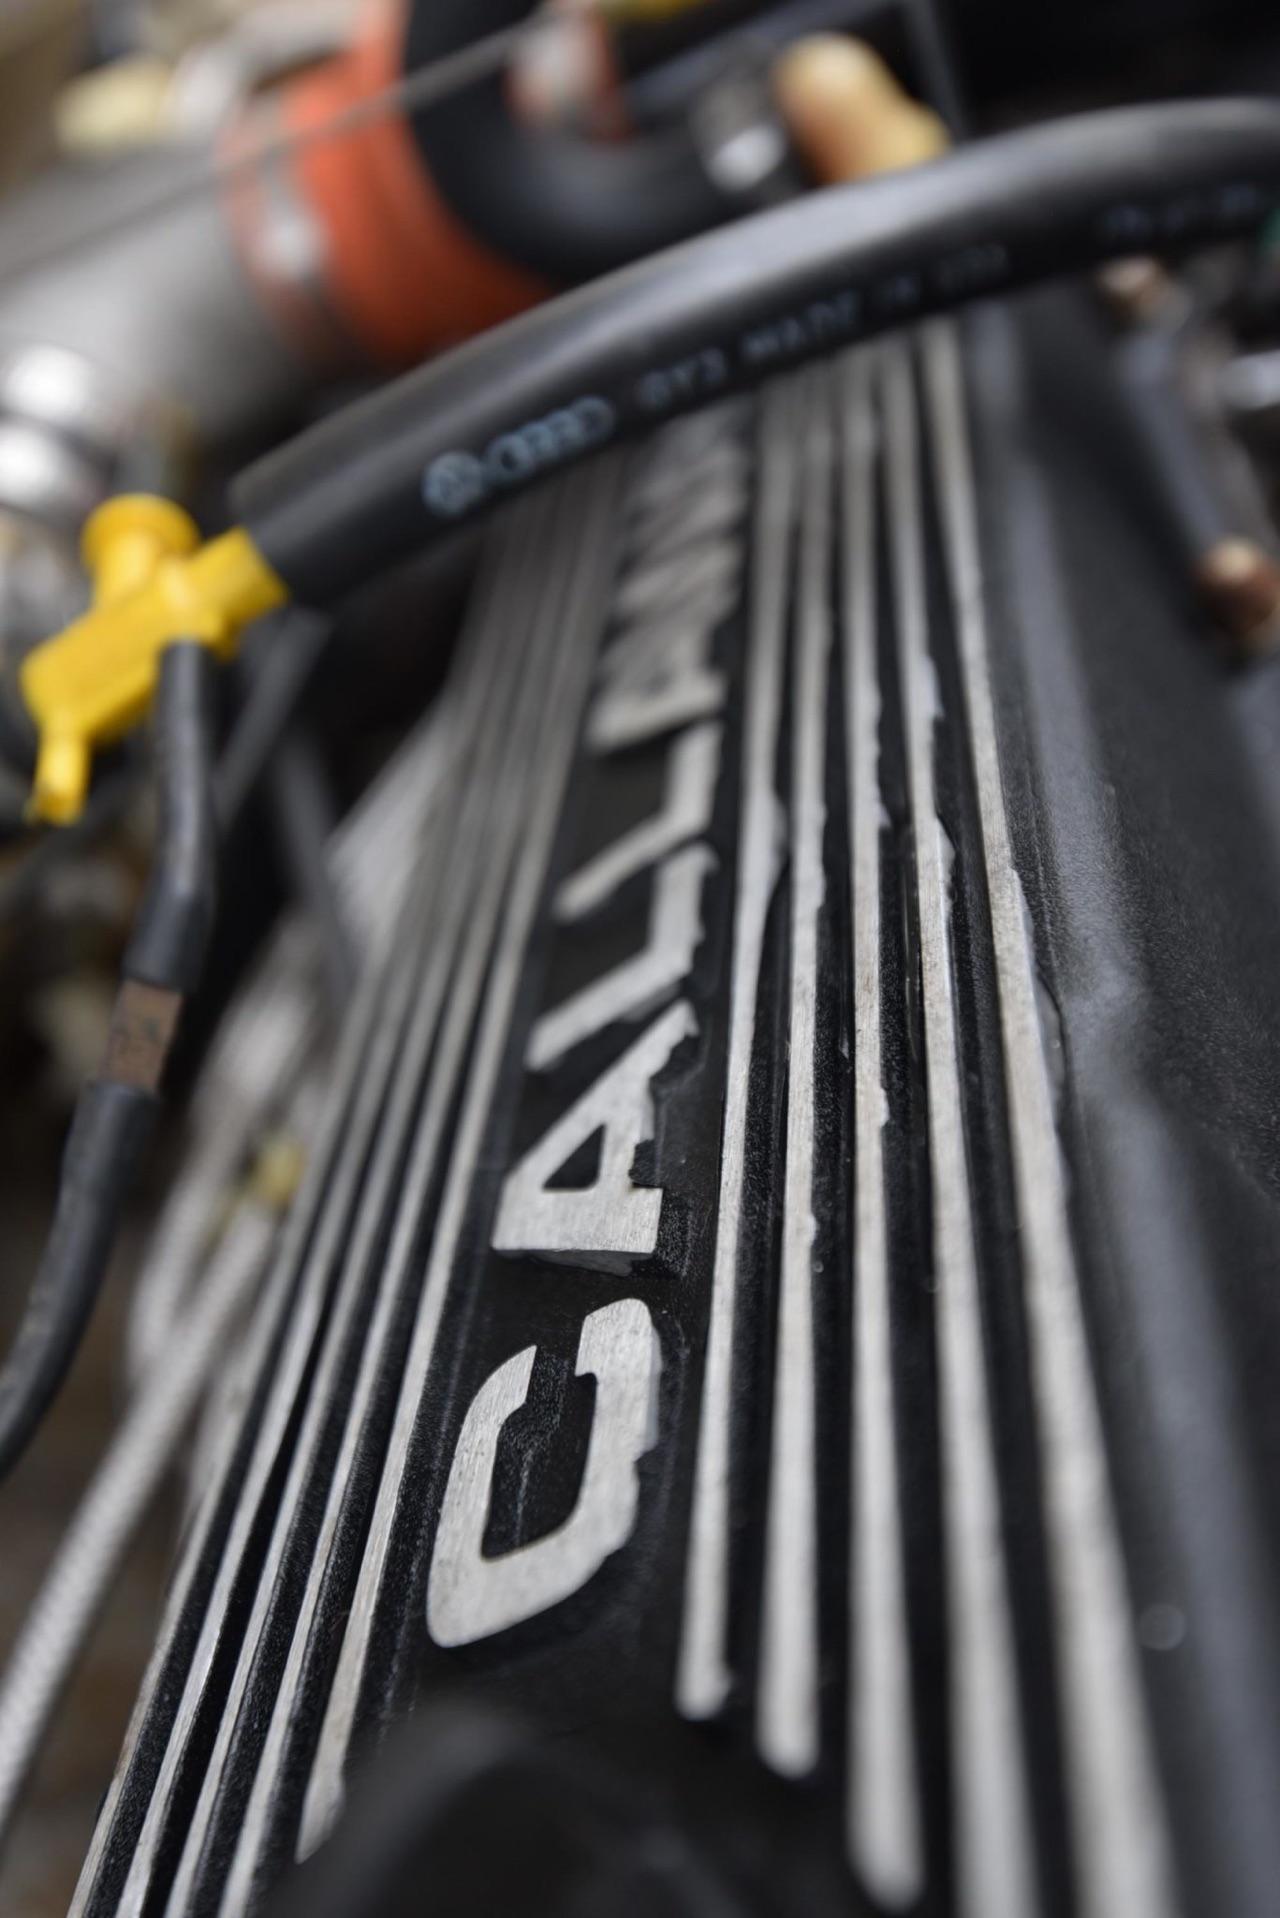 80's VW Scirocco et Golf Callaway Turbo... C'est quoi c'bordel ?! 59